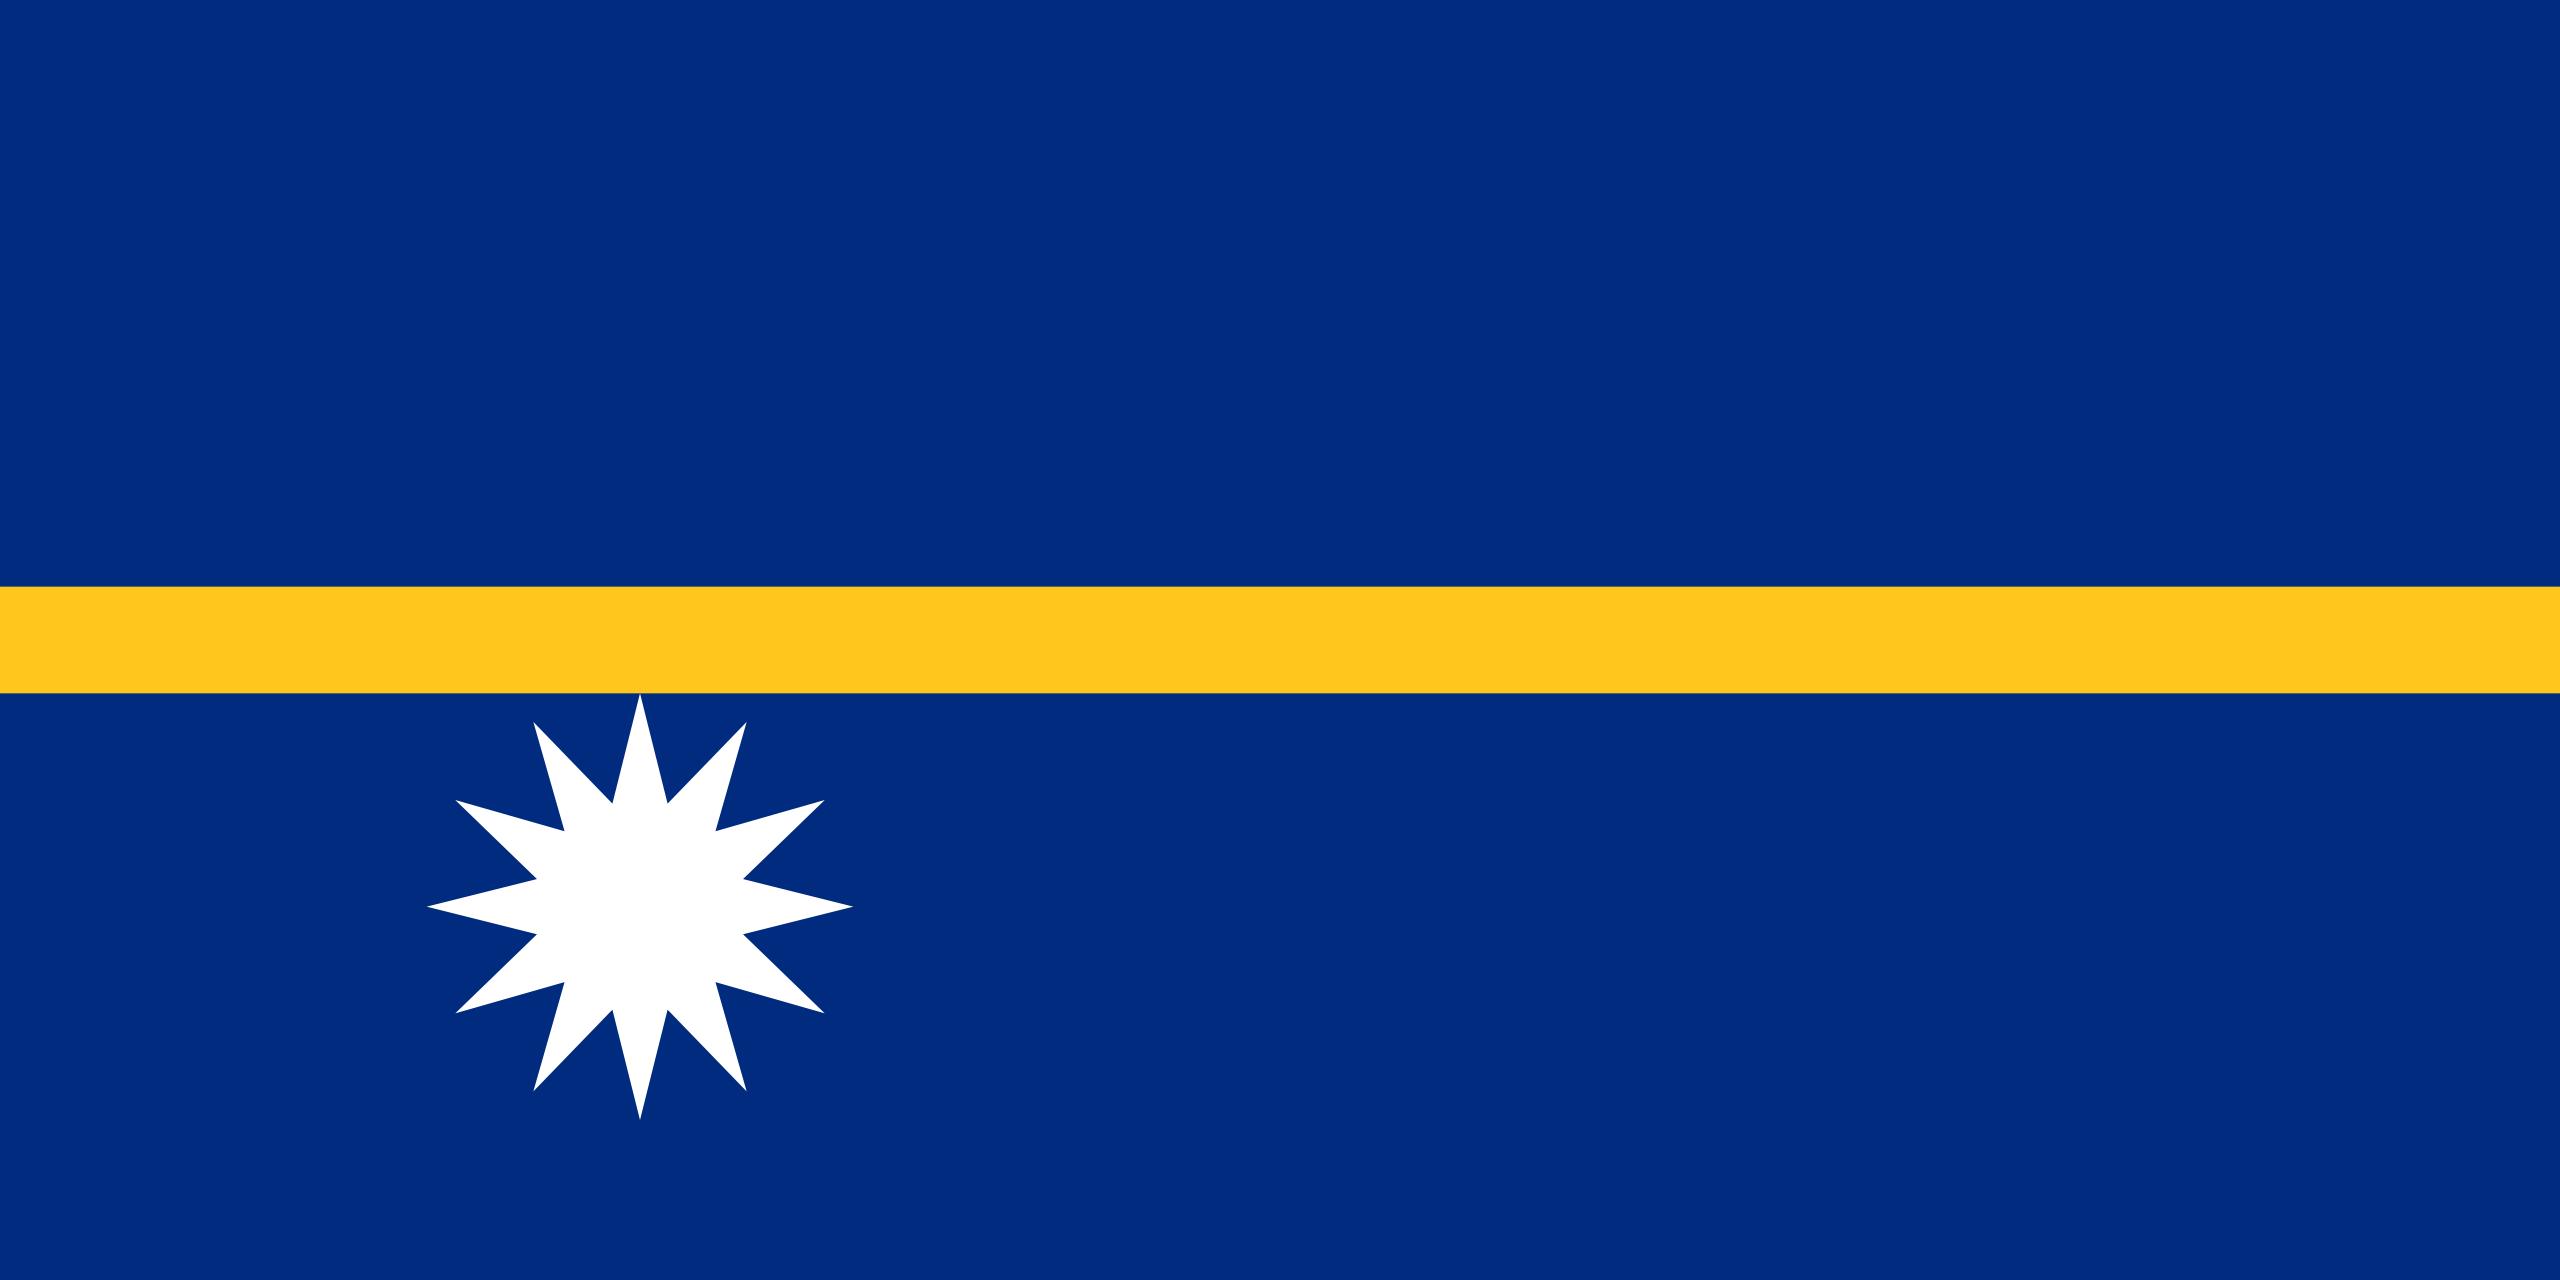 Nauru, pays, emblème, logo, symbole - Fonds d'écran HD - Professor-falken.com